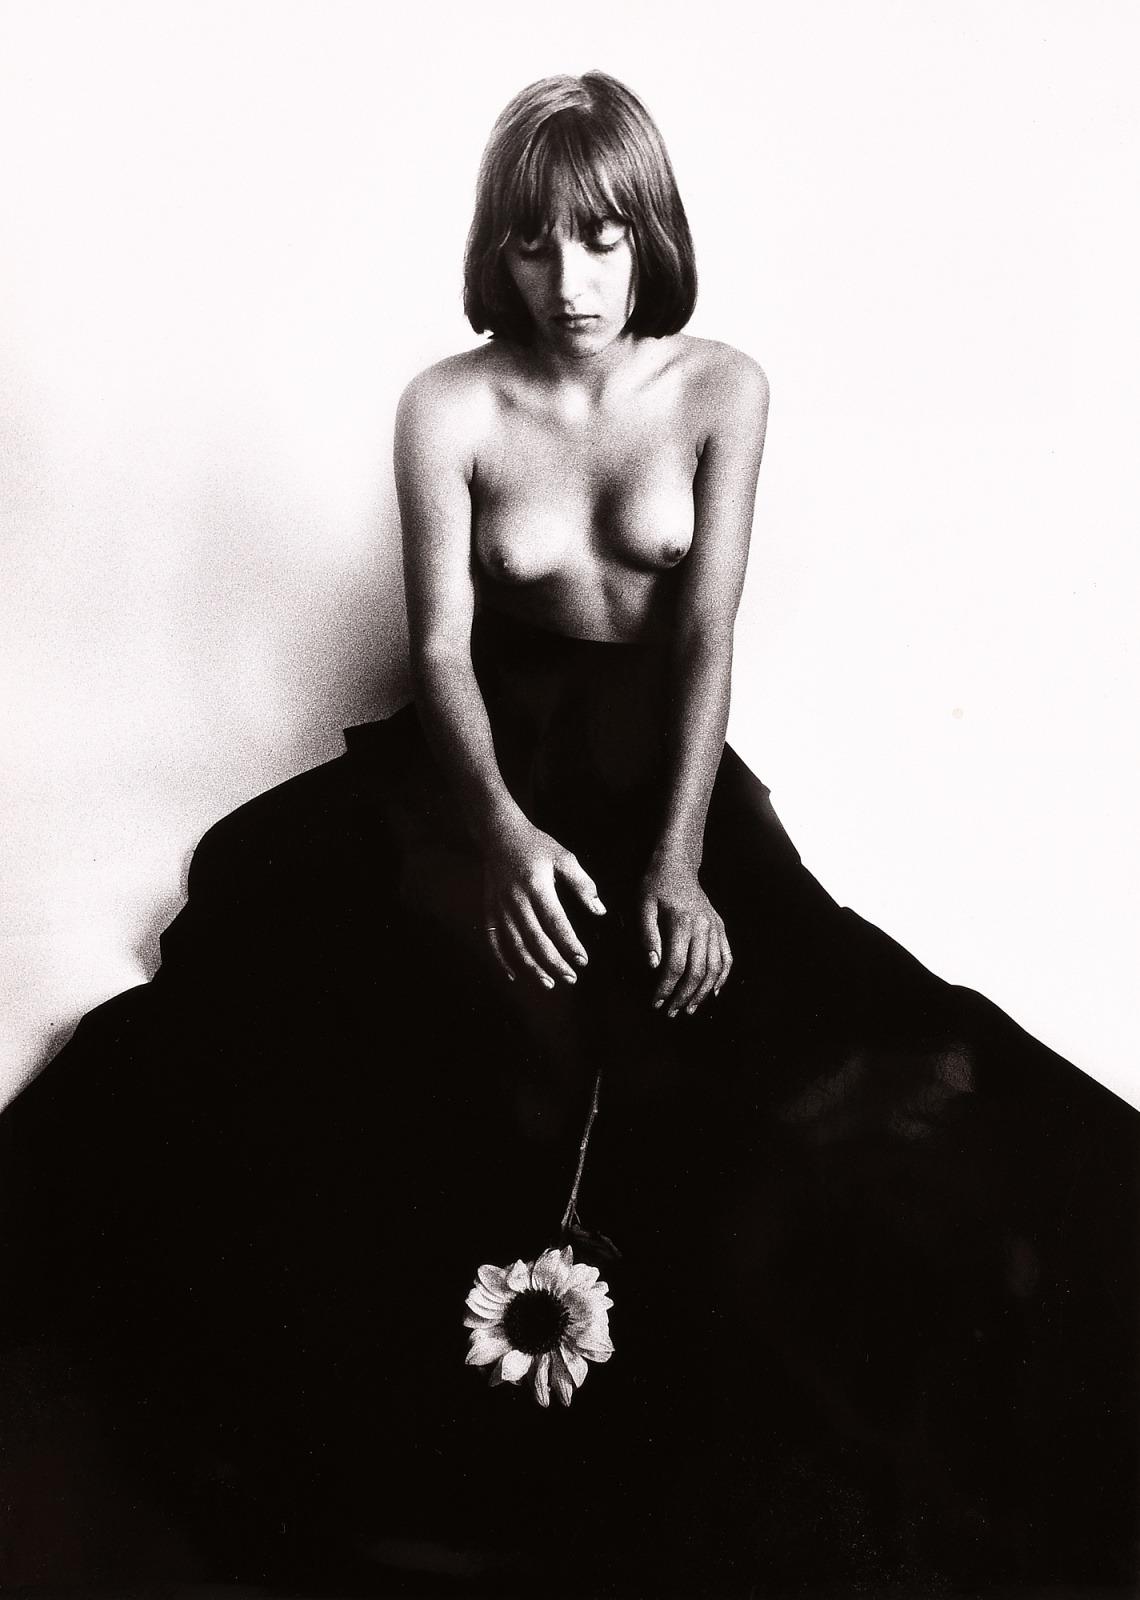 František_Dostál-Girl_with_Sunflower-1976-giampixxx.jpg